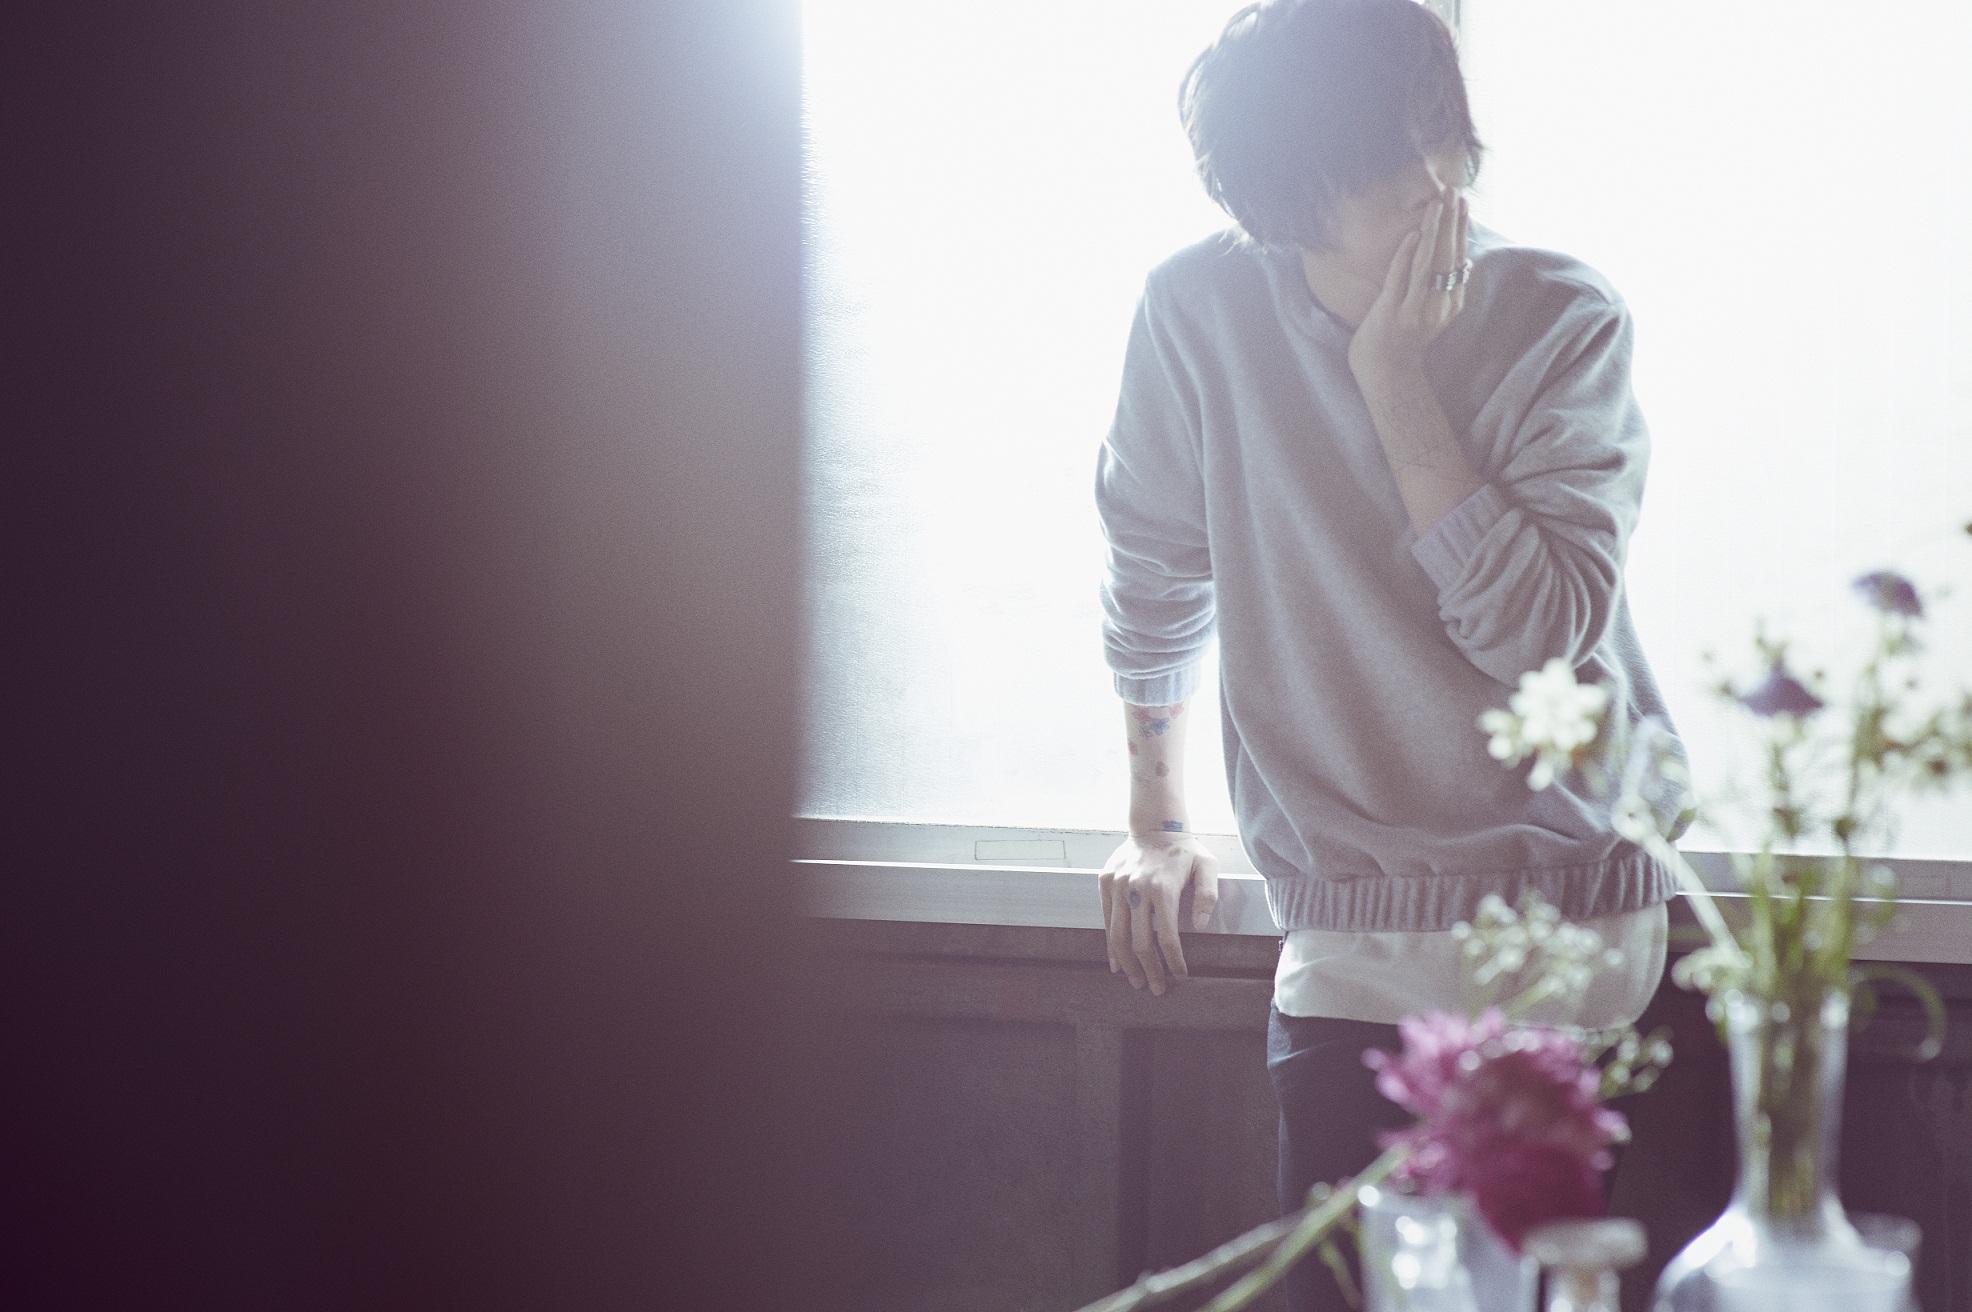 米津玄師の画像 p1_29